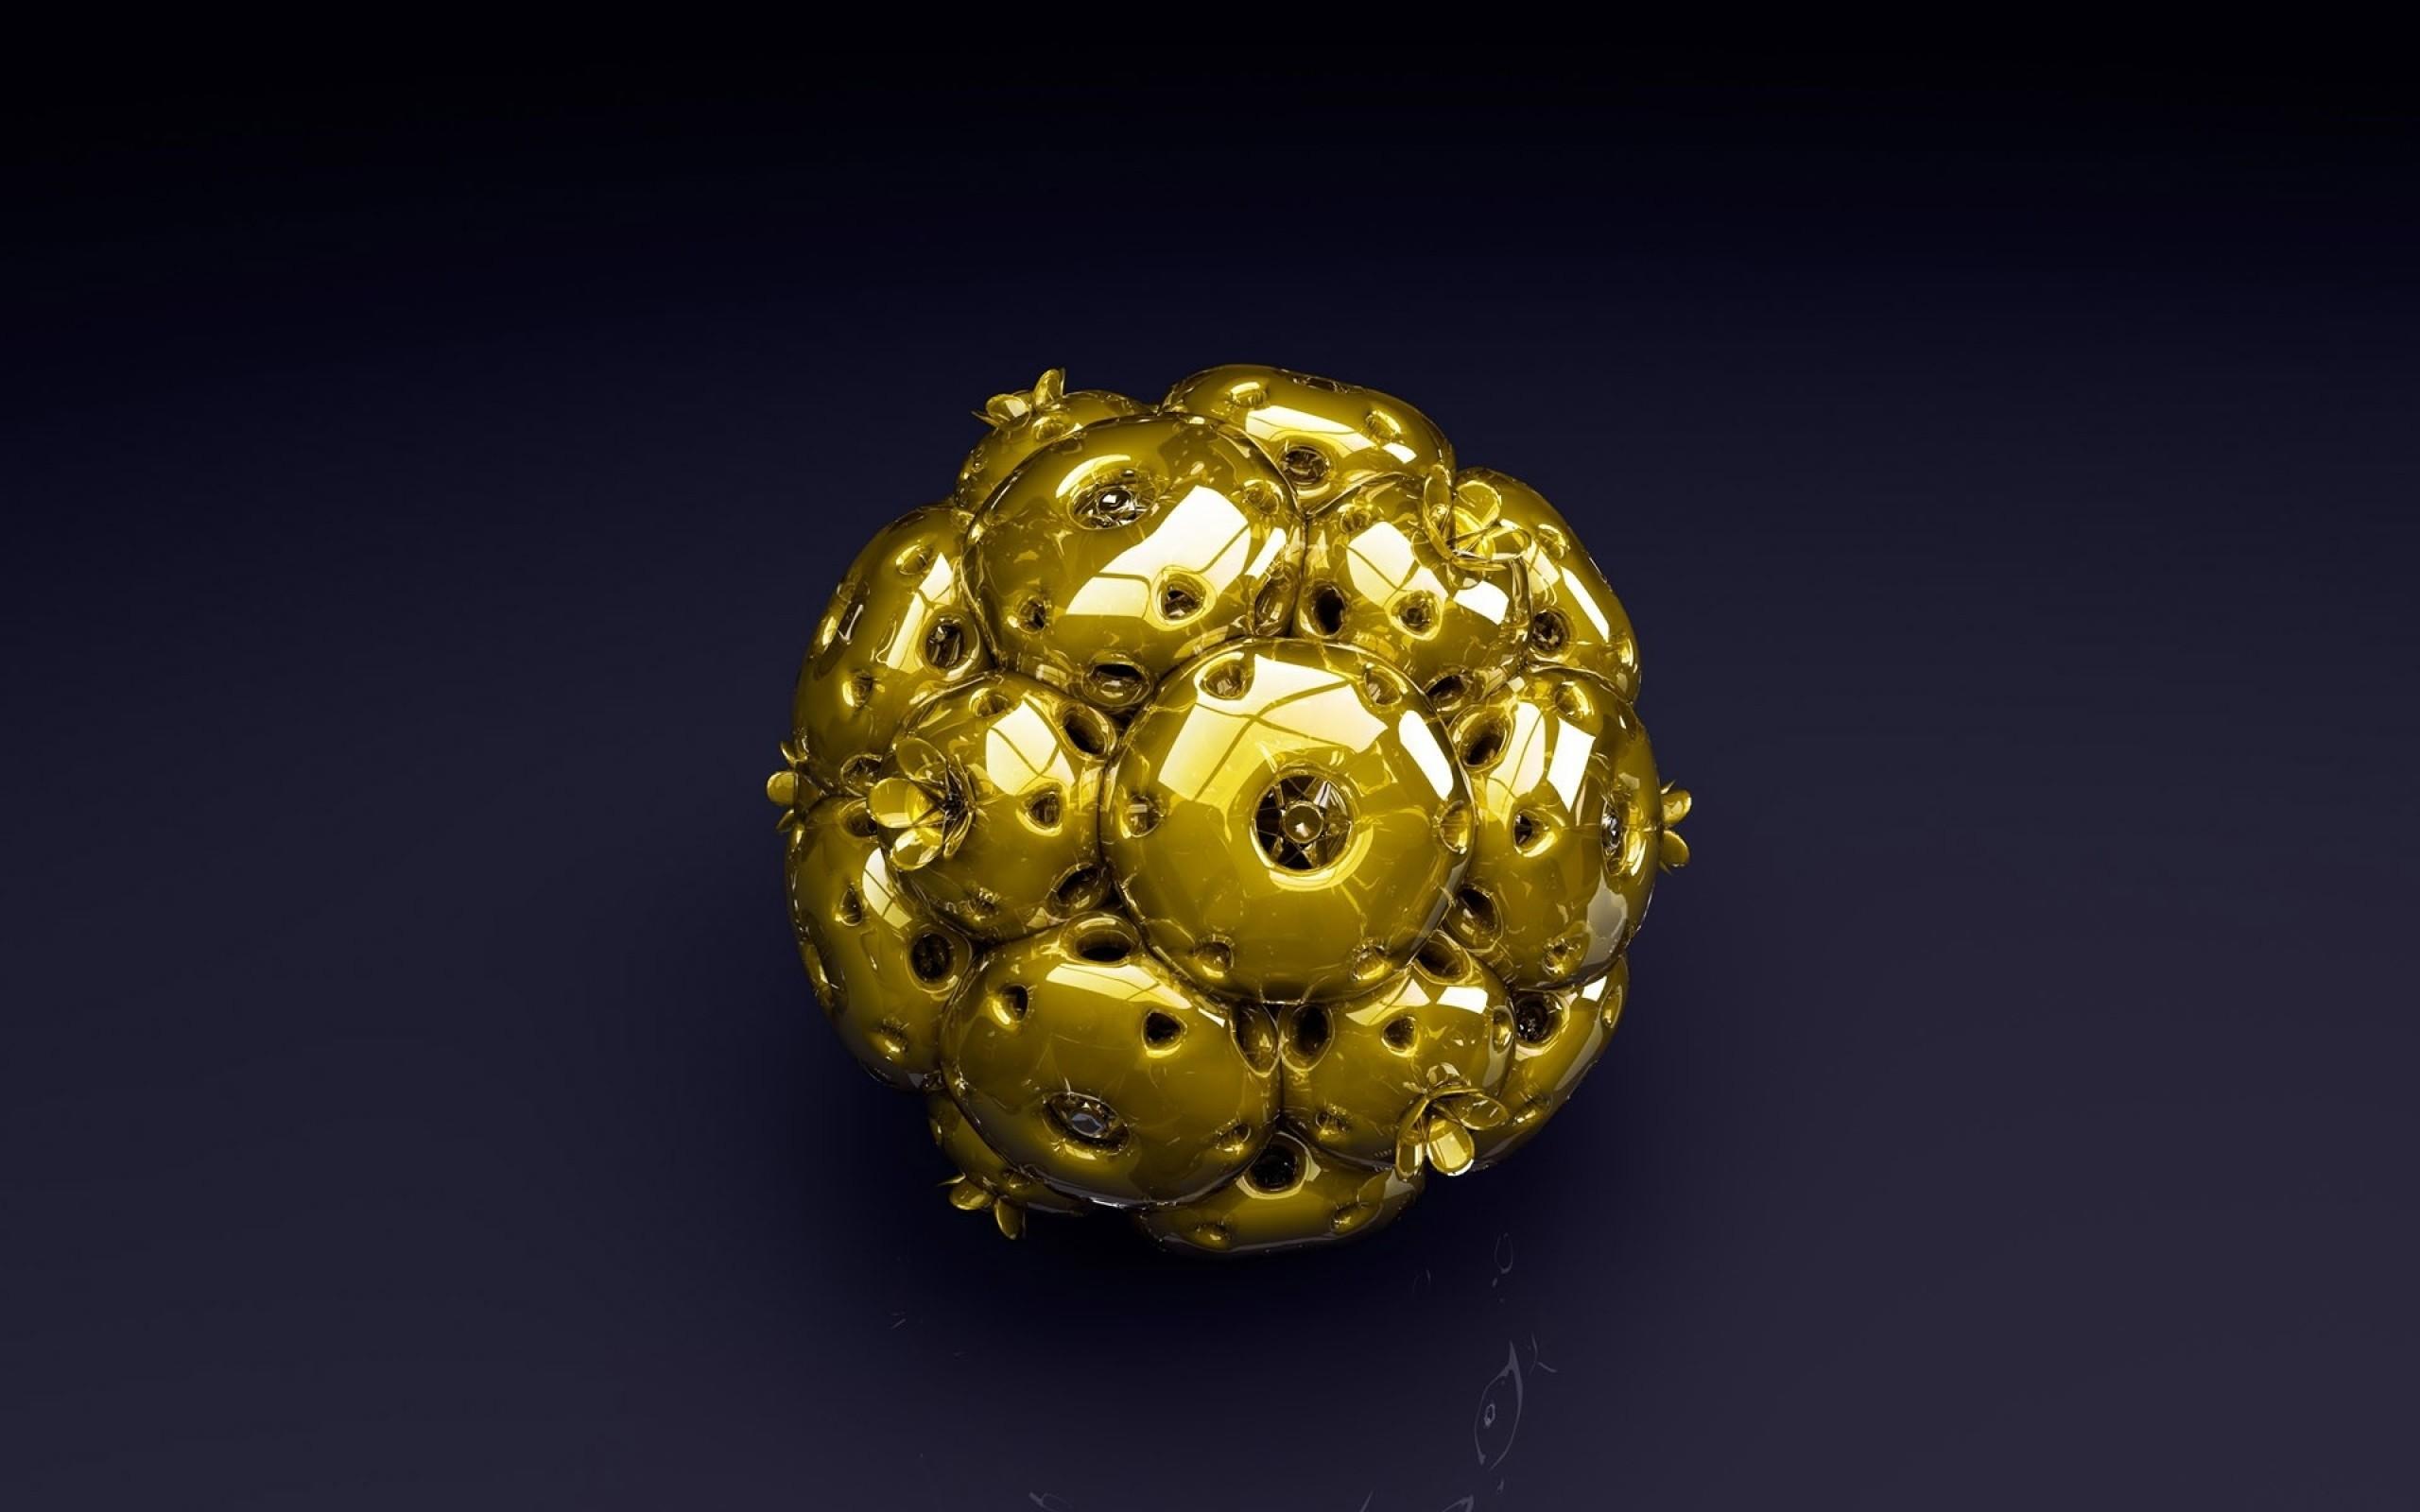 Wallpaper ball, shape, gold, metallic blue